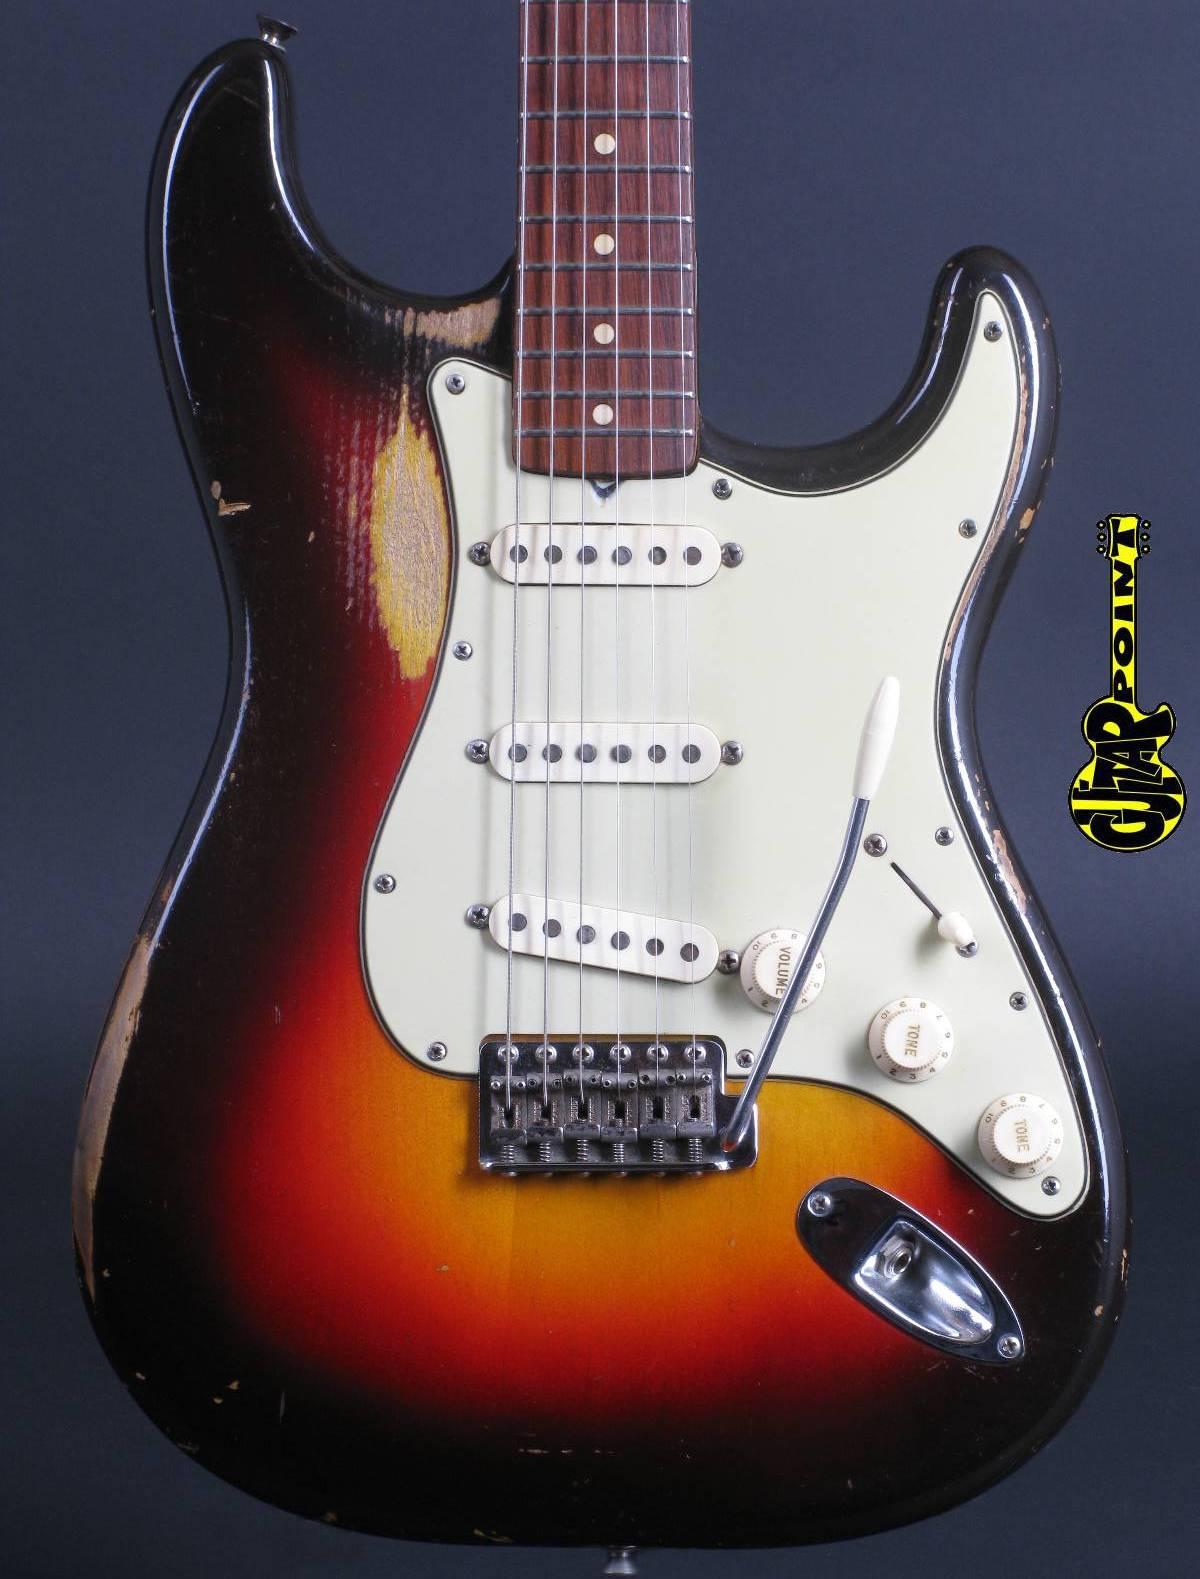 1961 Fender Stratocaster / 3-tone Sunburst